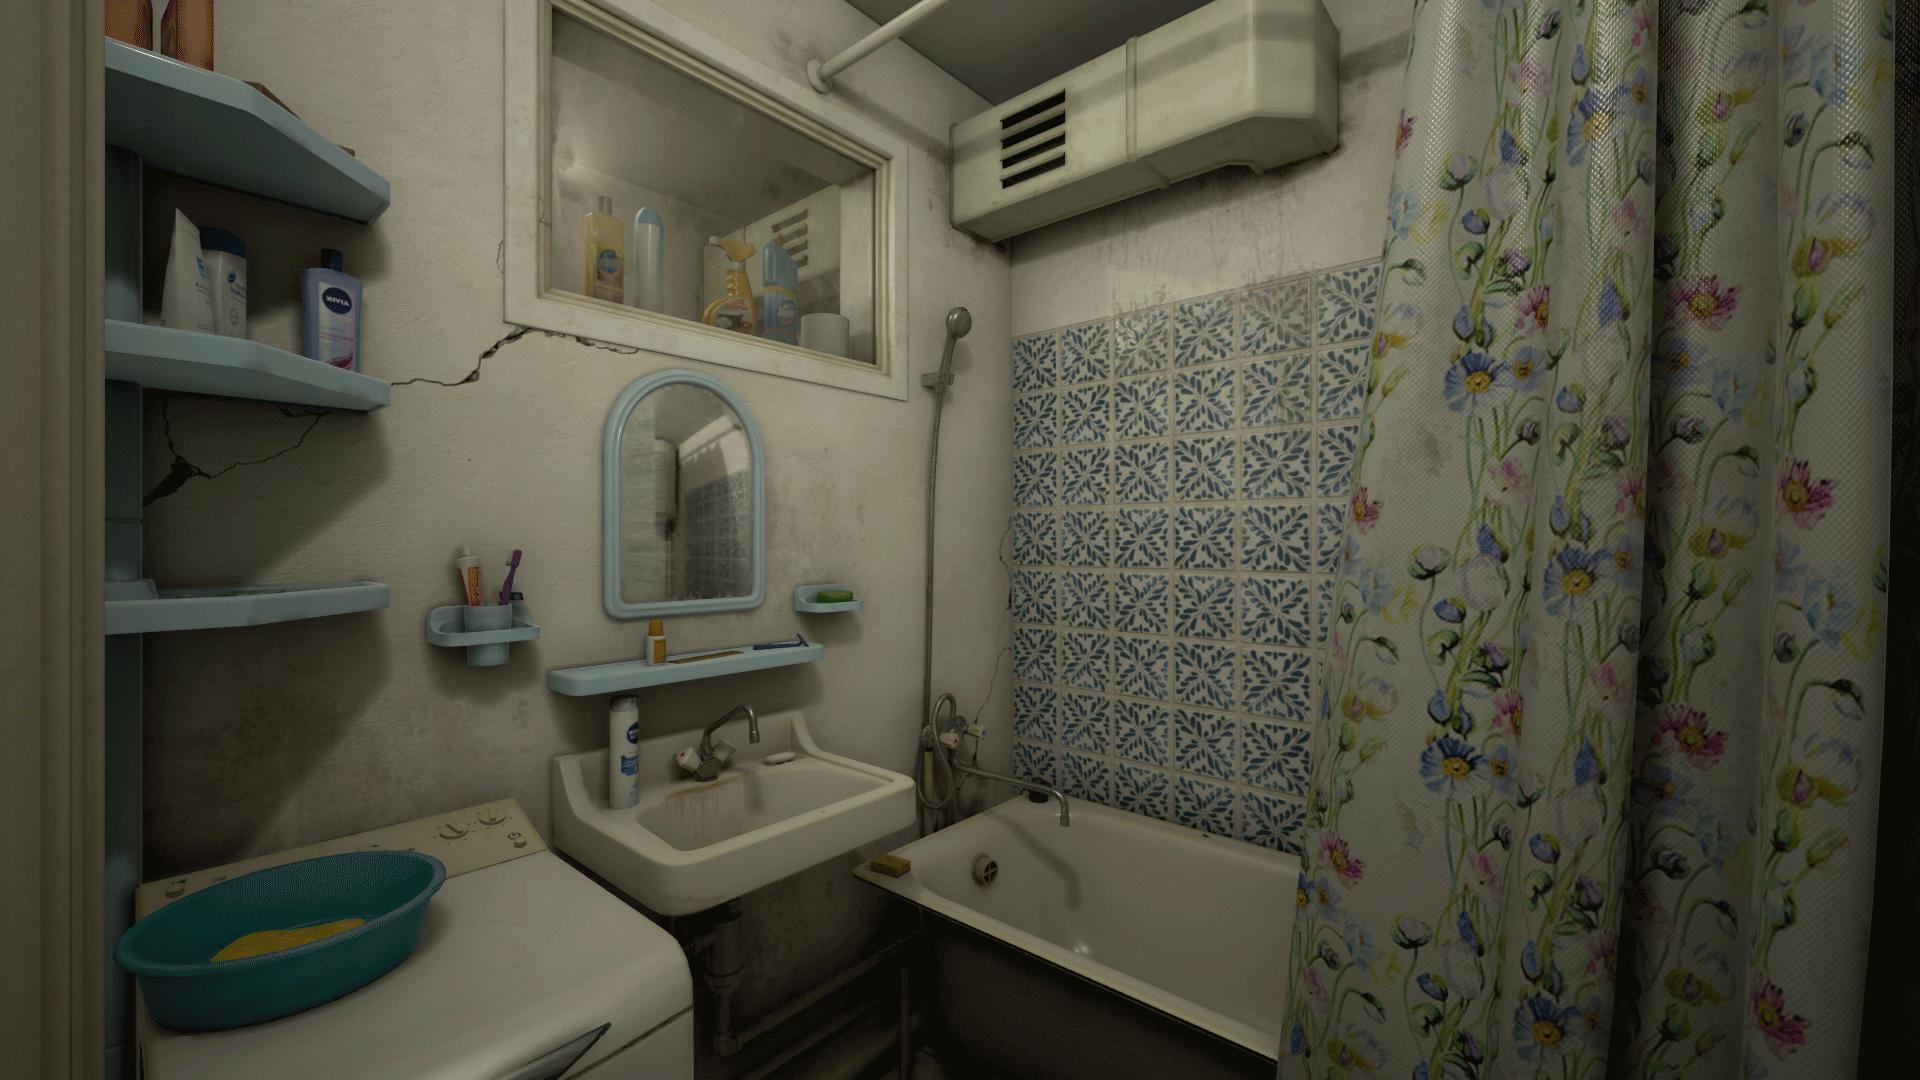 Bathroom white noise - Share